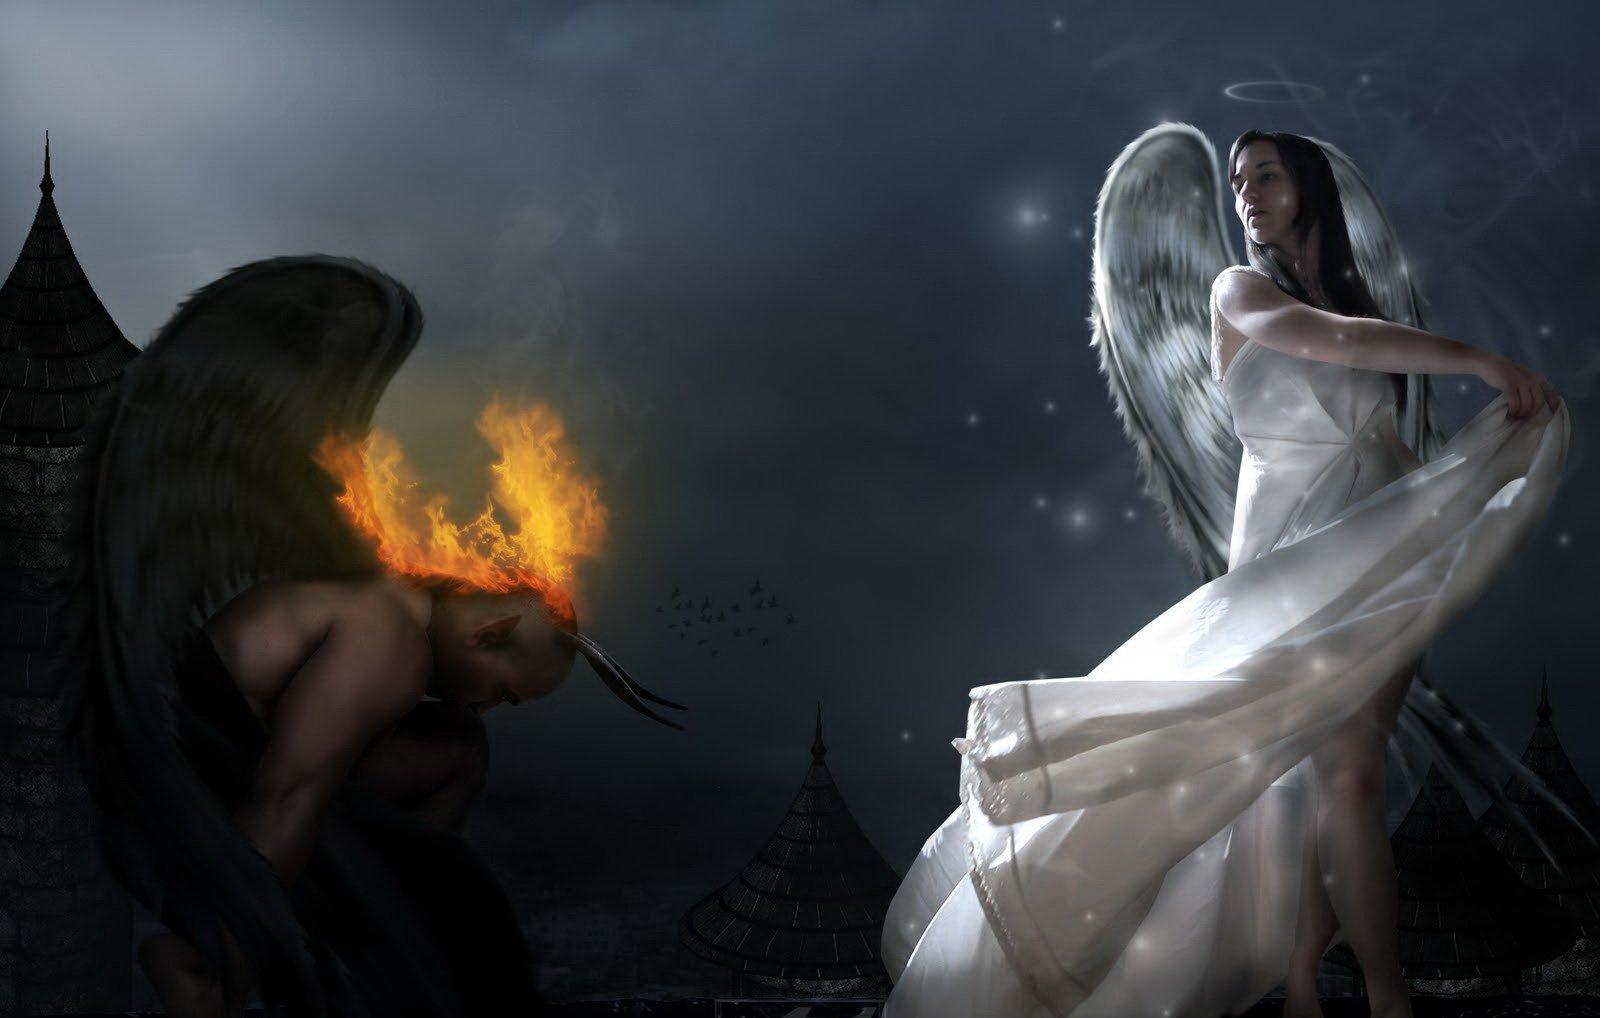 Днем, картинки любовь и смерть добро и зло